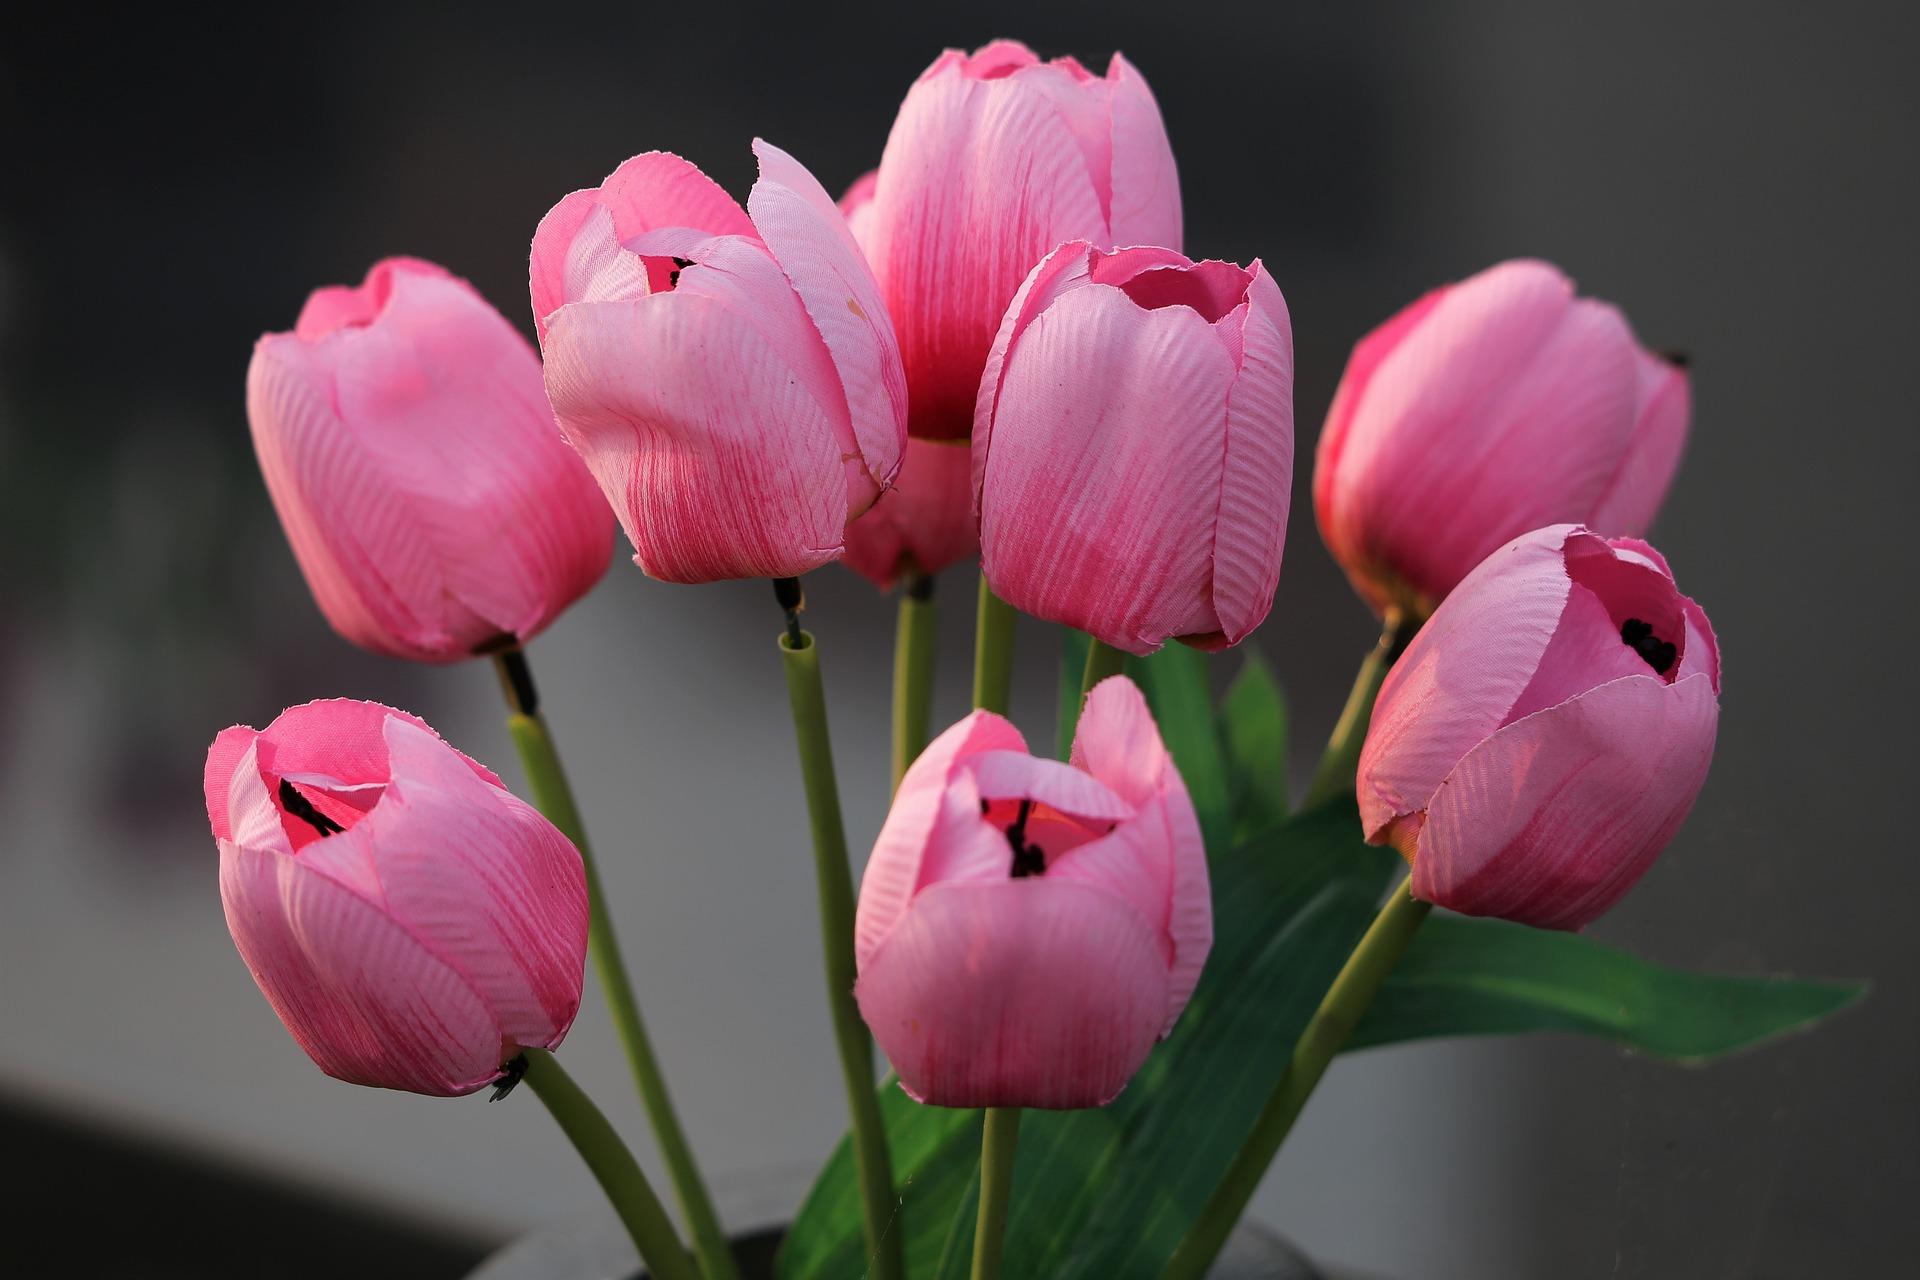 Sposoby wykorzystania sztucznych kwiatów i ich zalety